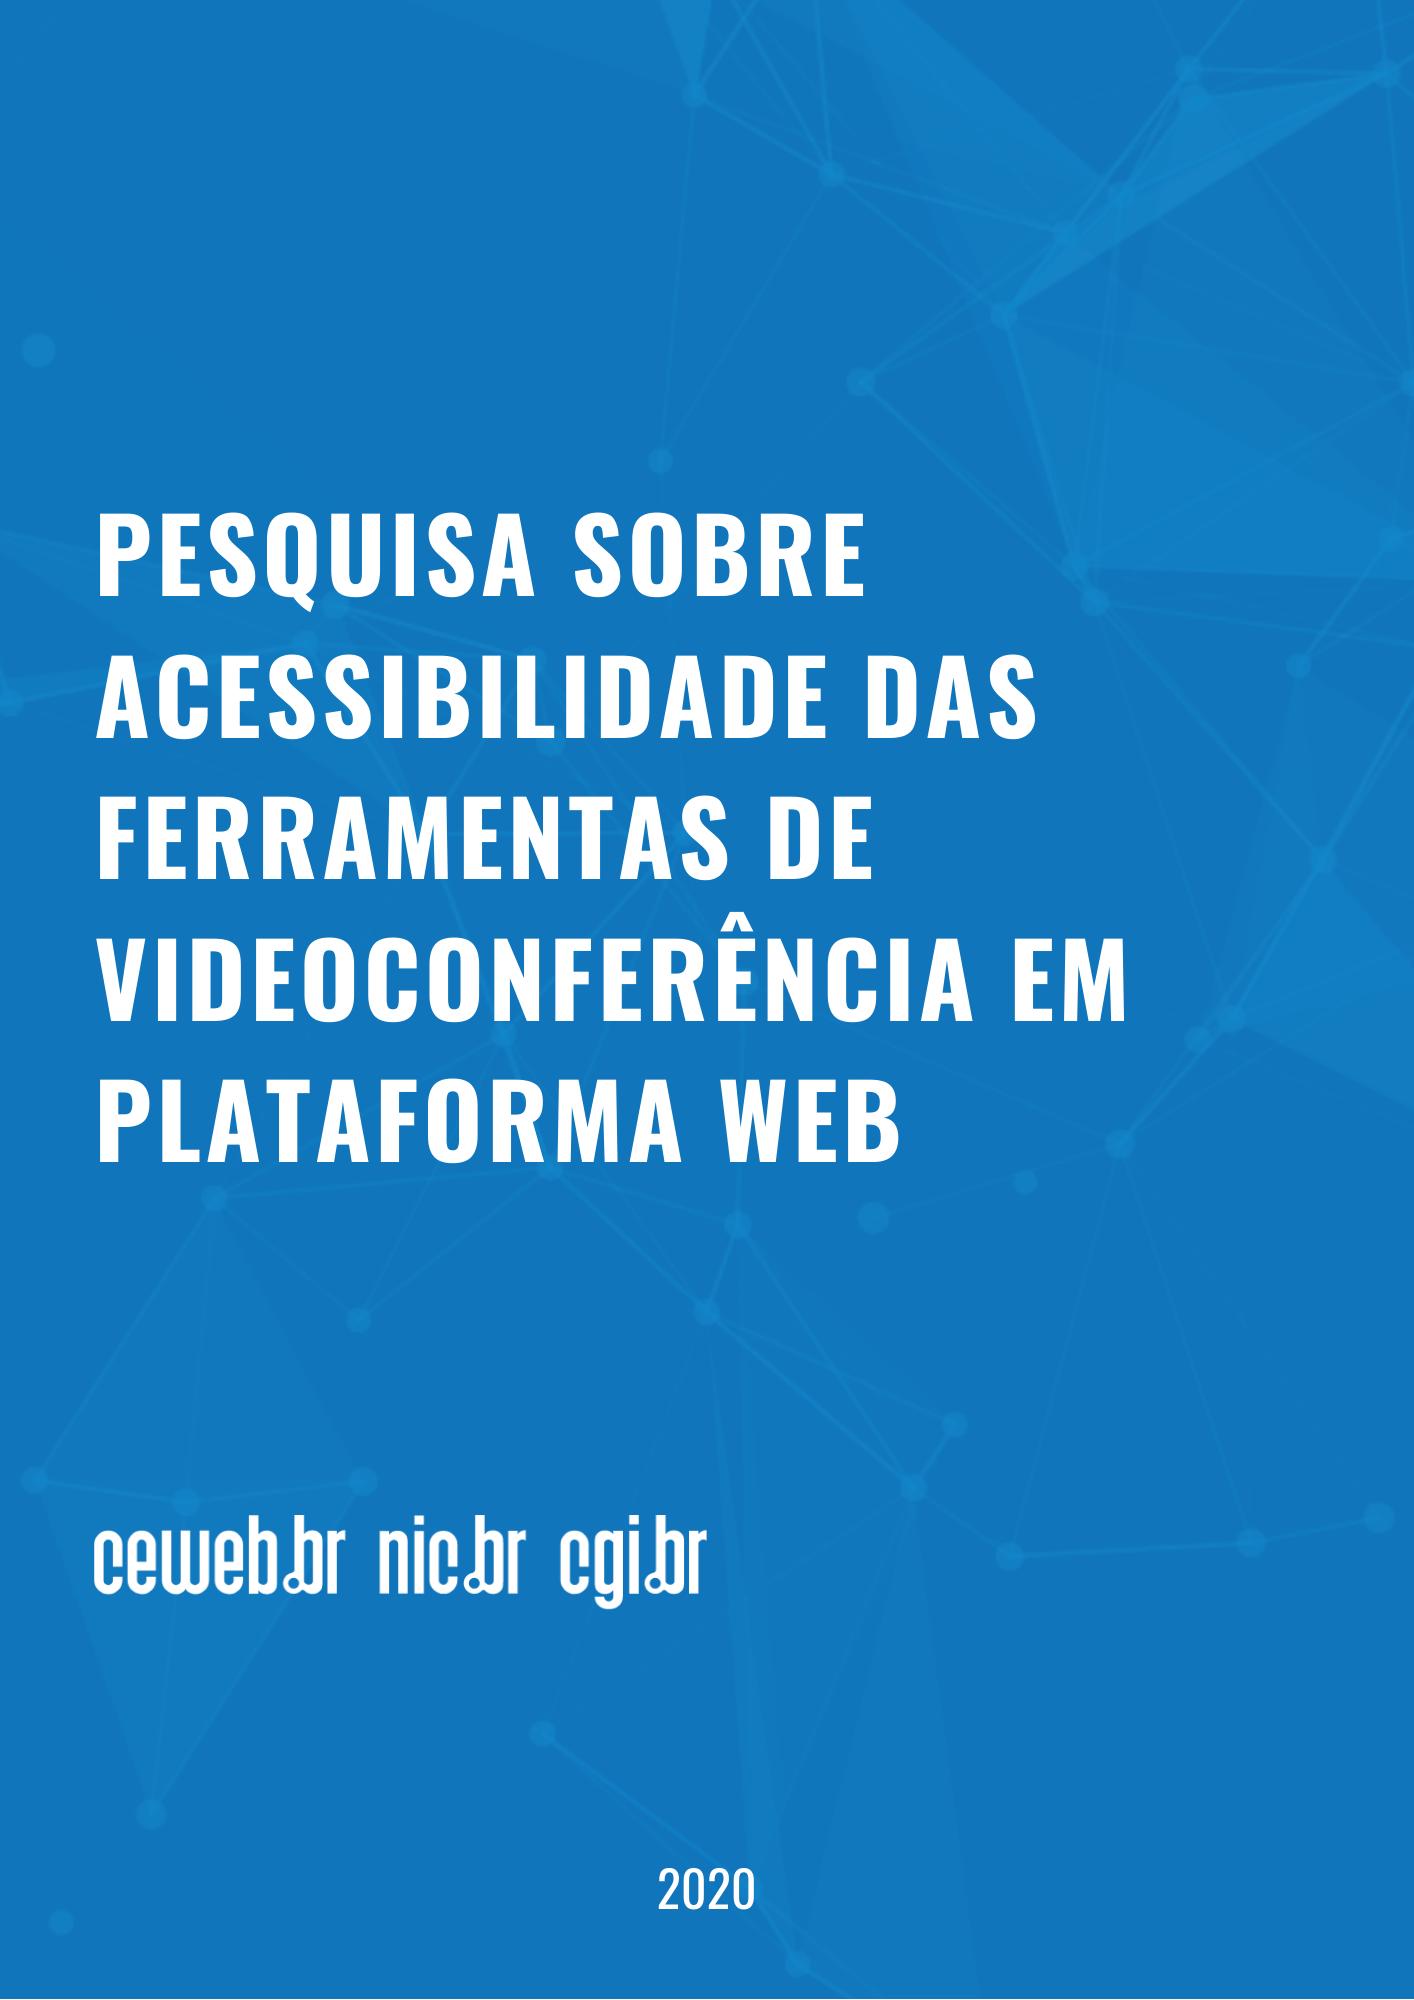 Pesquisa sobre acessibilidade das ferramentas de videoconferência em plataforma Web